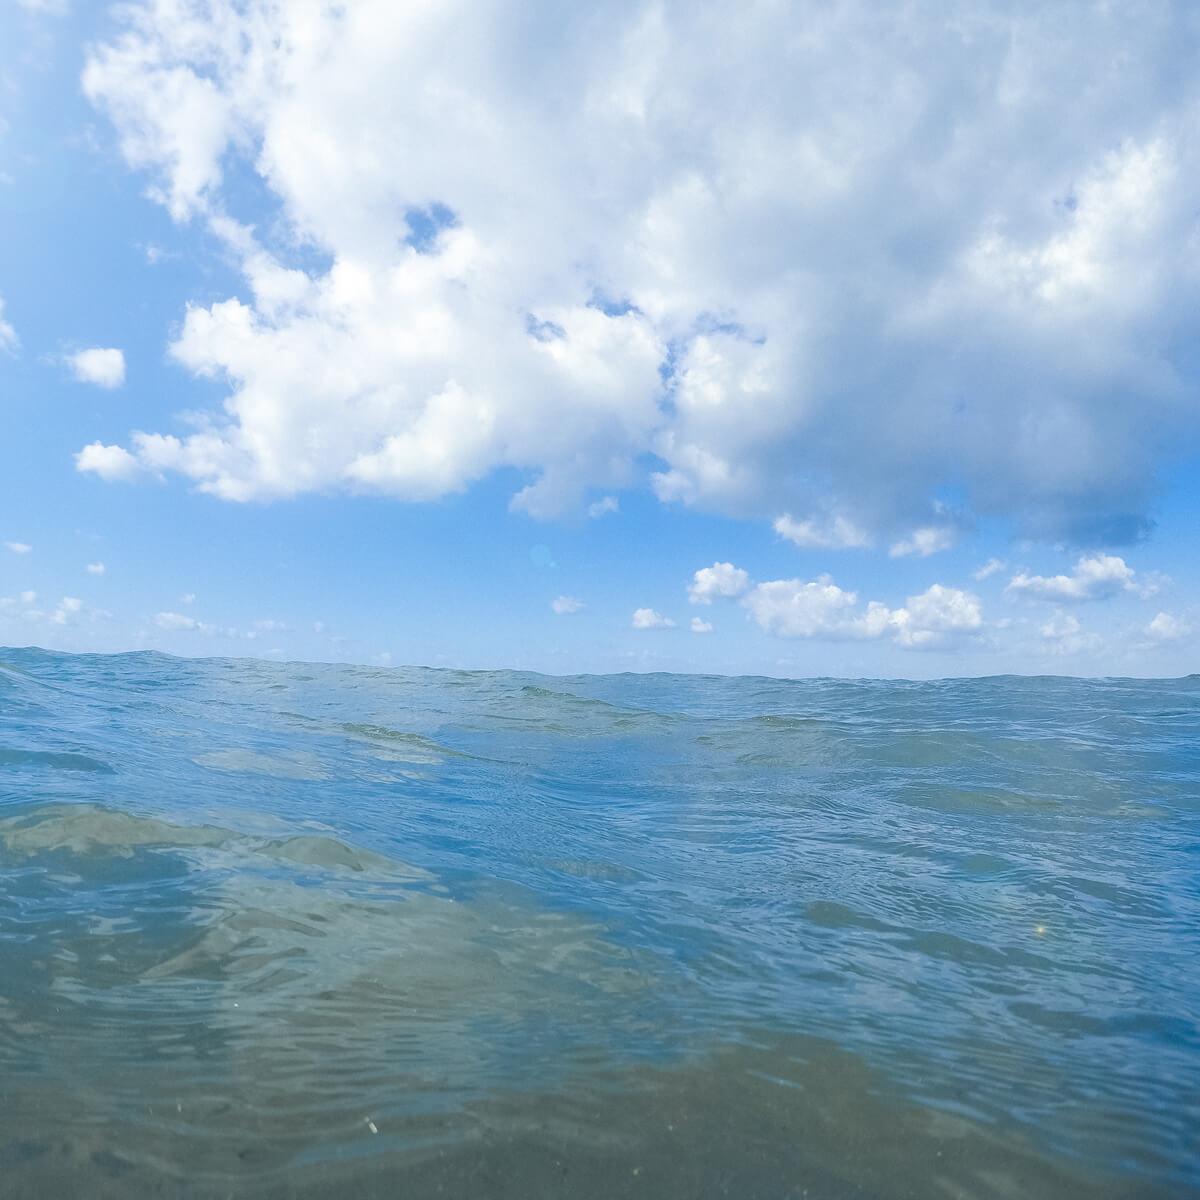 屋久島の海 屋久島海とジュエリー オーダーメイドマリッジリングのモチーフ